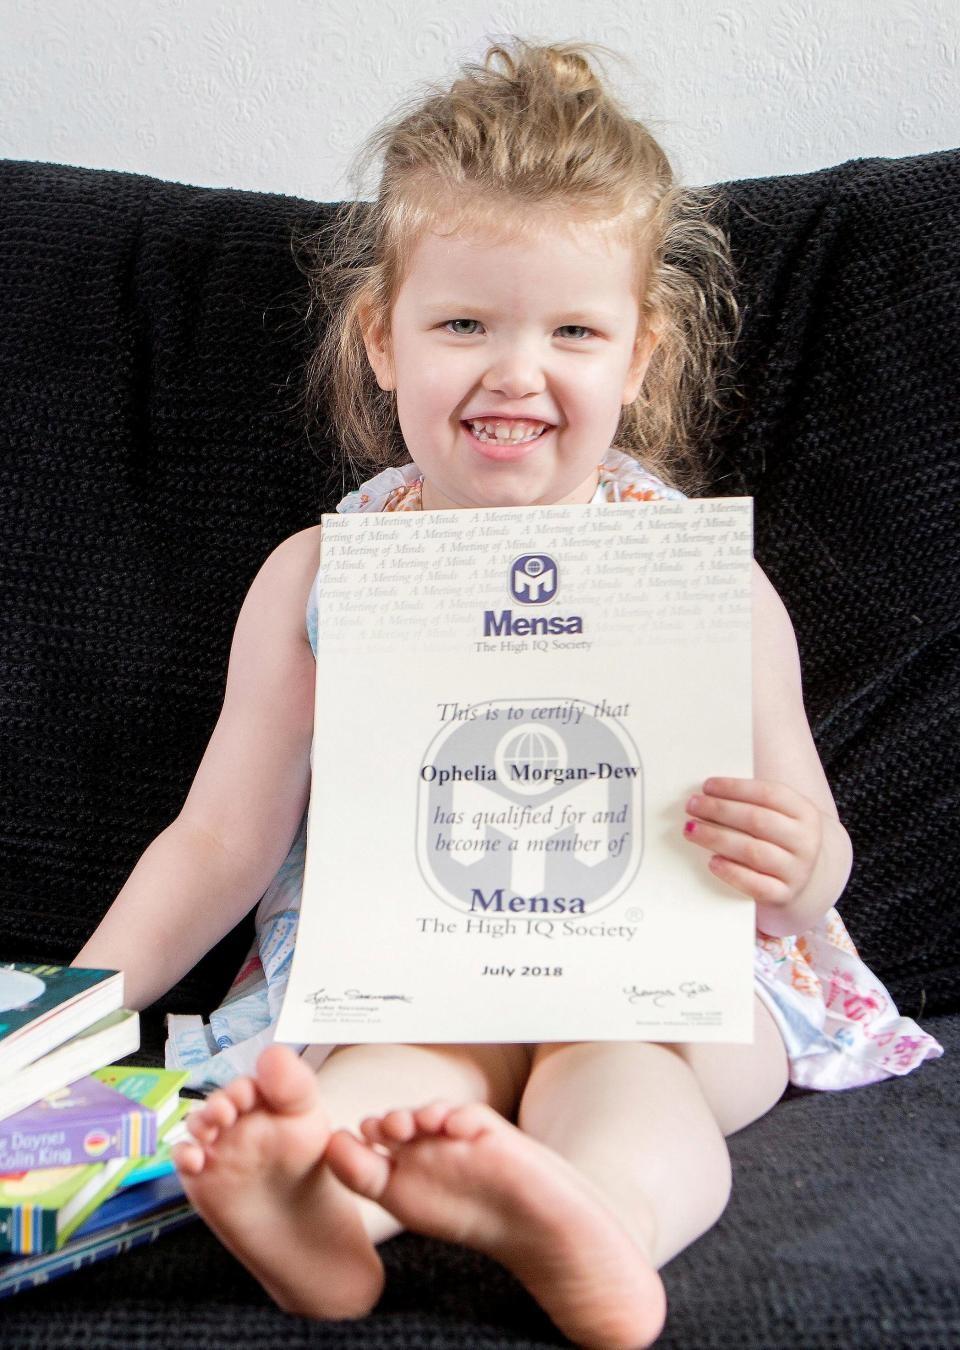 Ophelia Morgan-Dew's (Foto: Reprodução SOUTH WEST NEWS SERVICE)